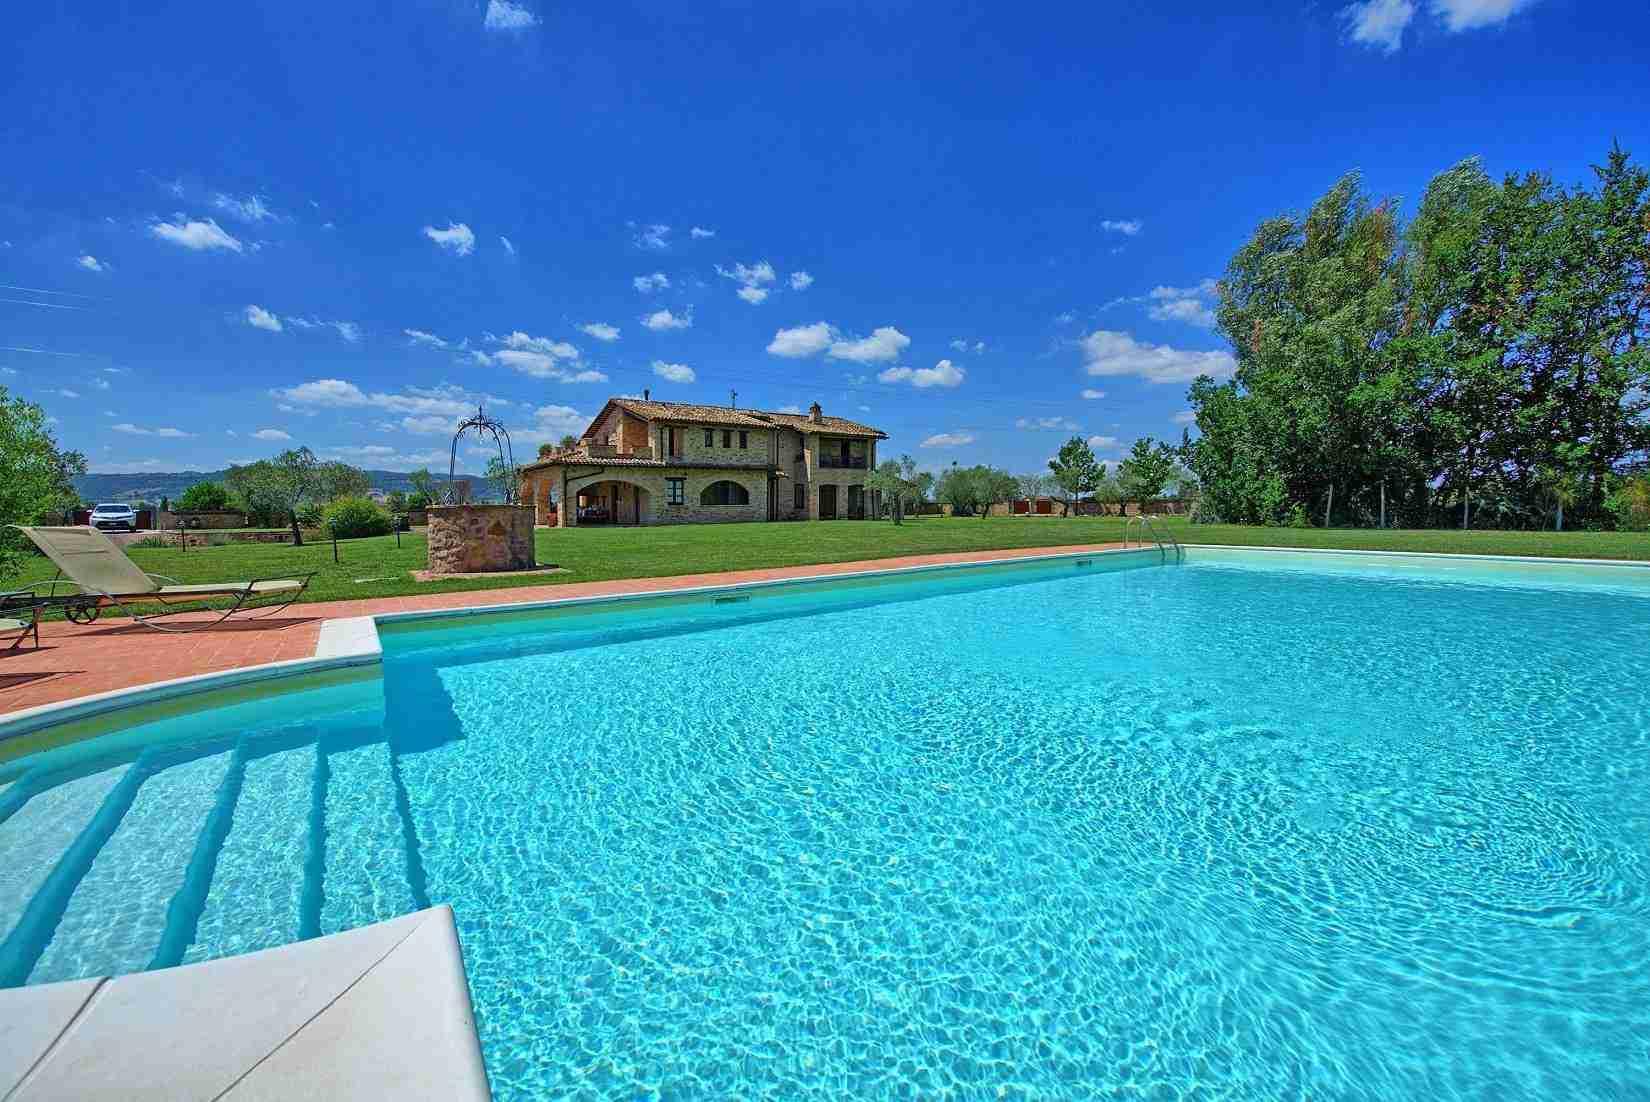 9 Assisi pool